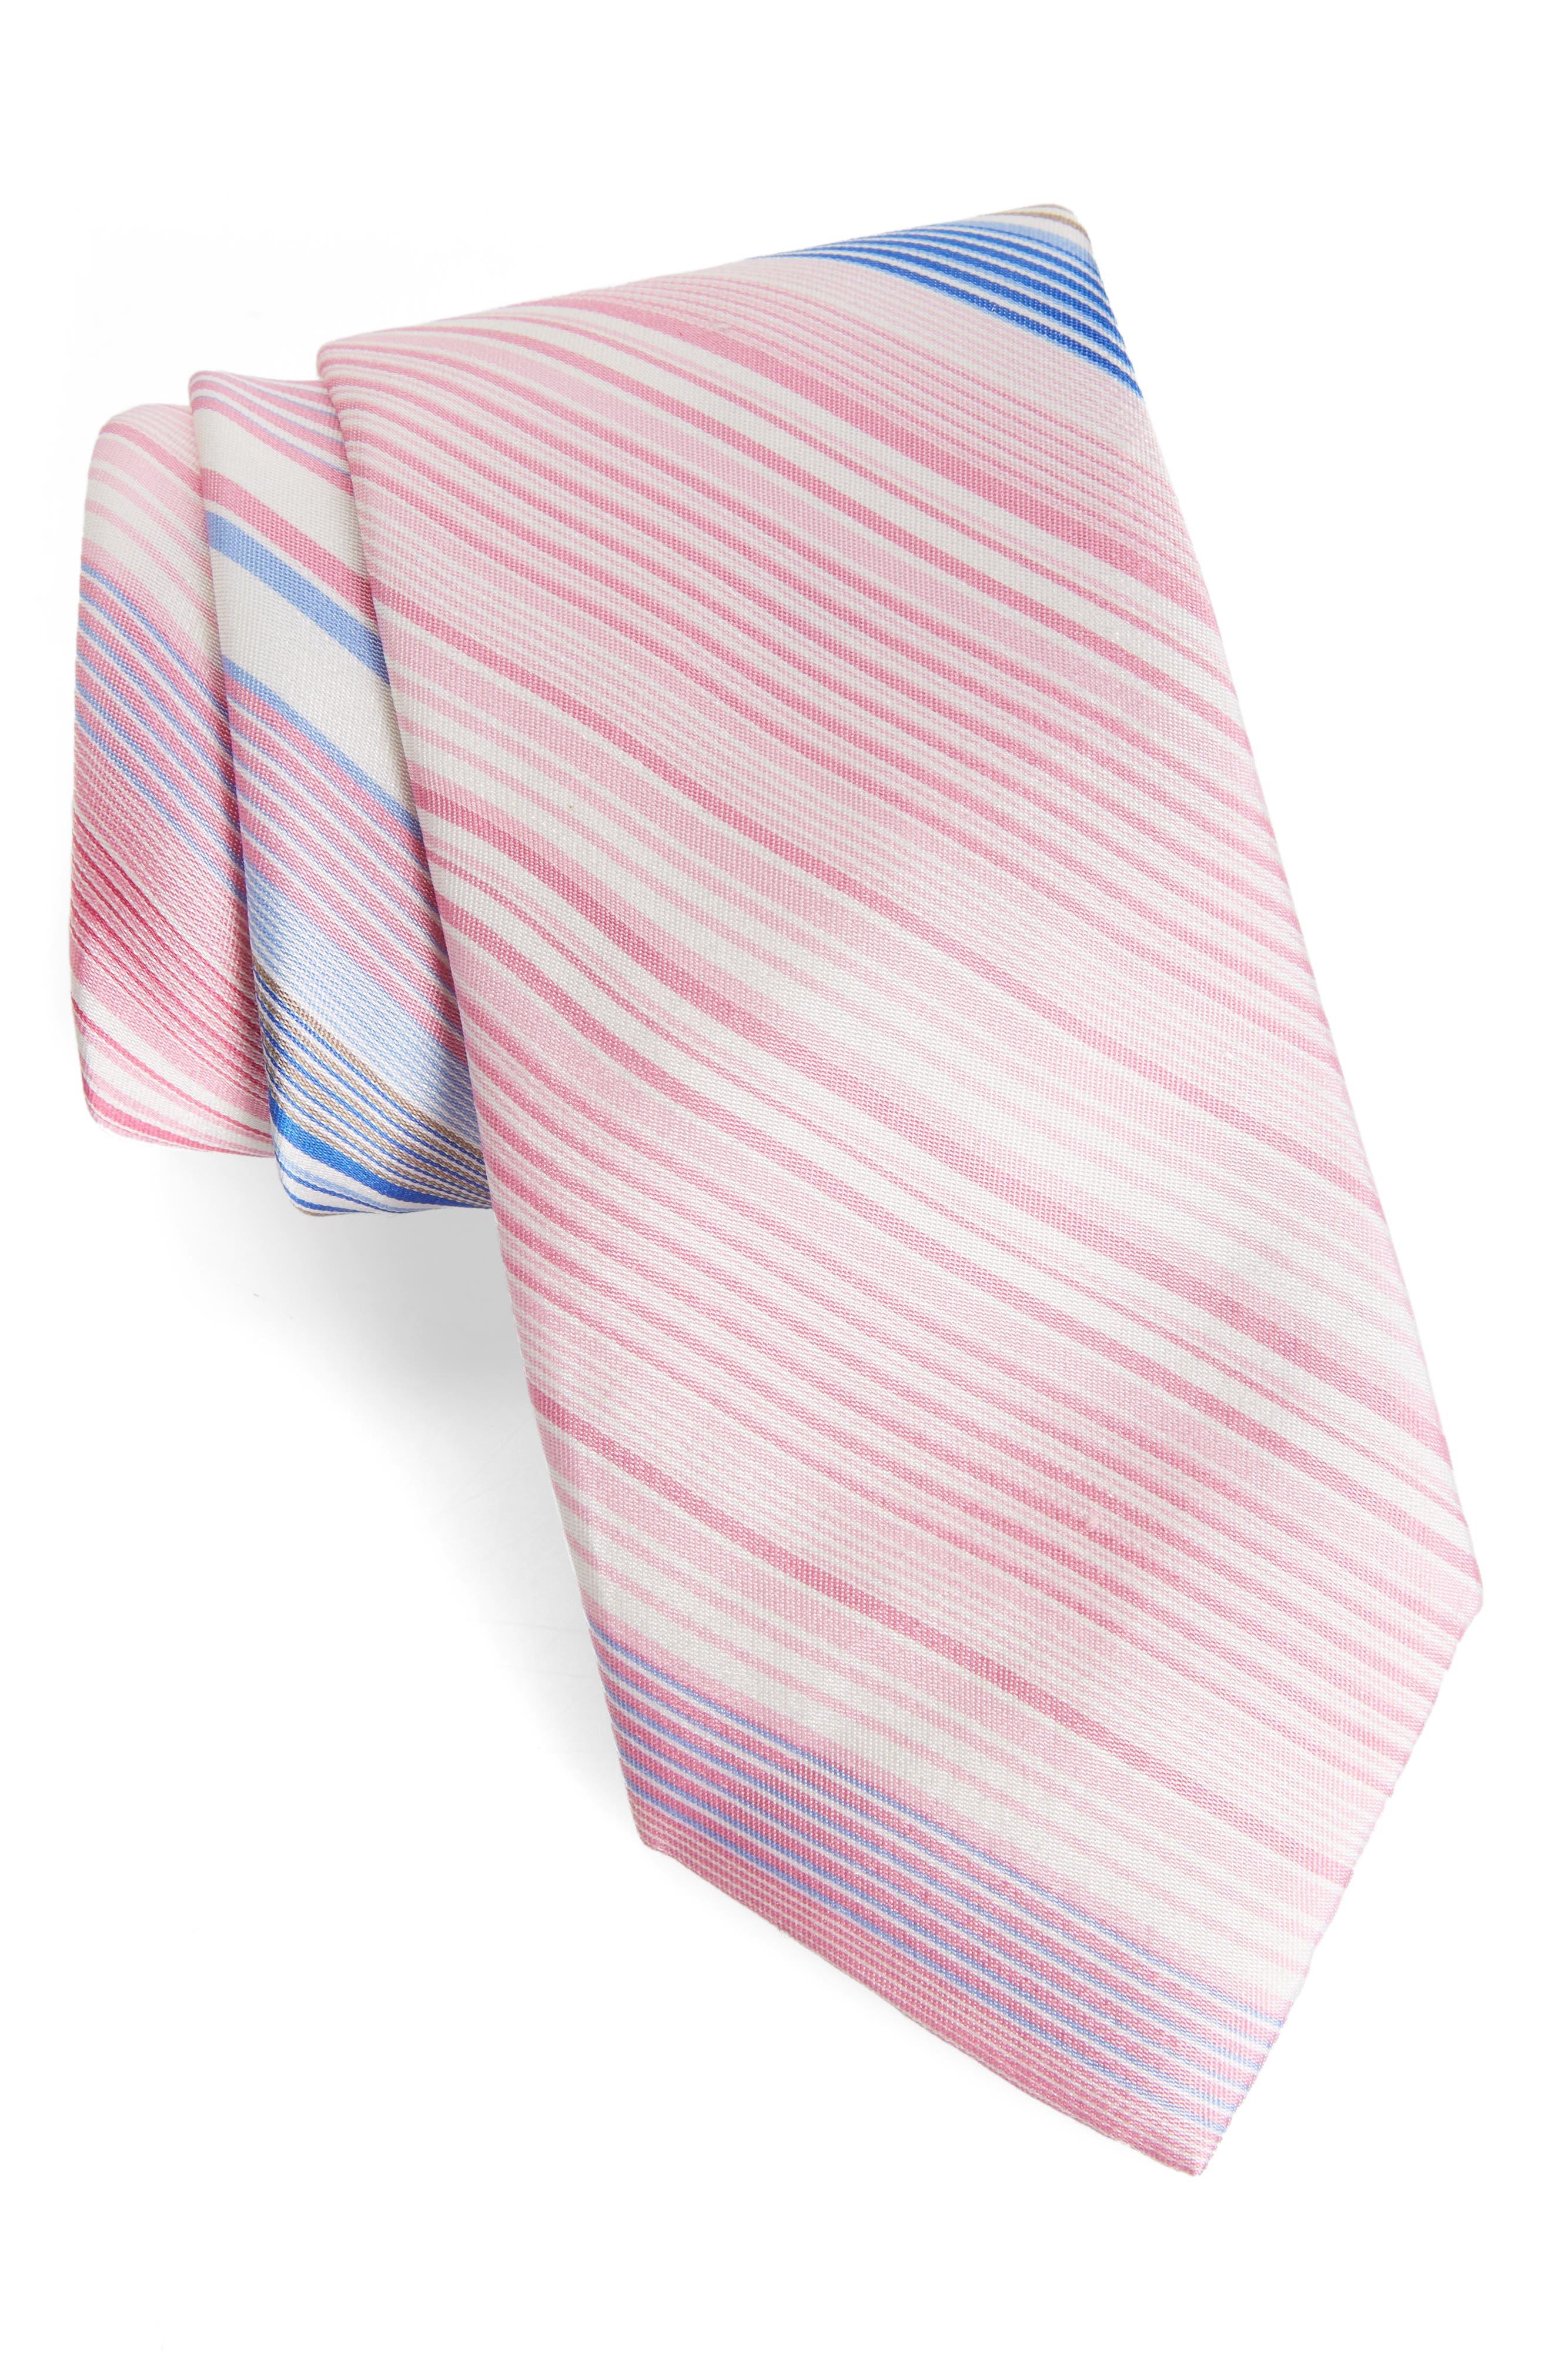 Magnolia Silk Tie,                         Main,                         color, Pink